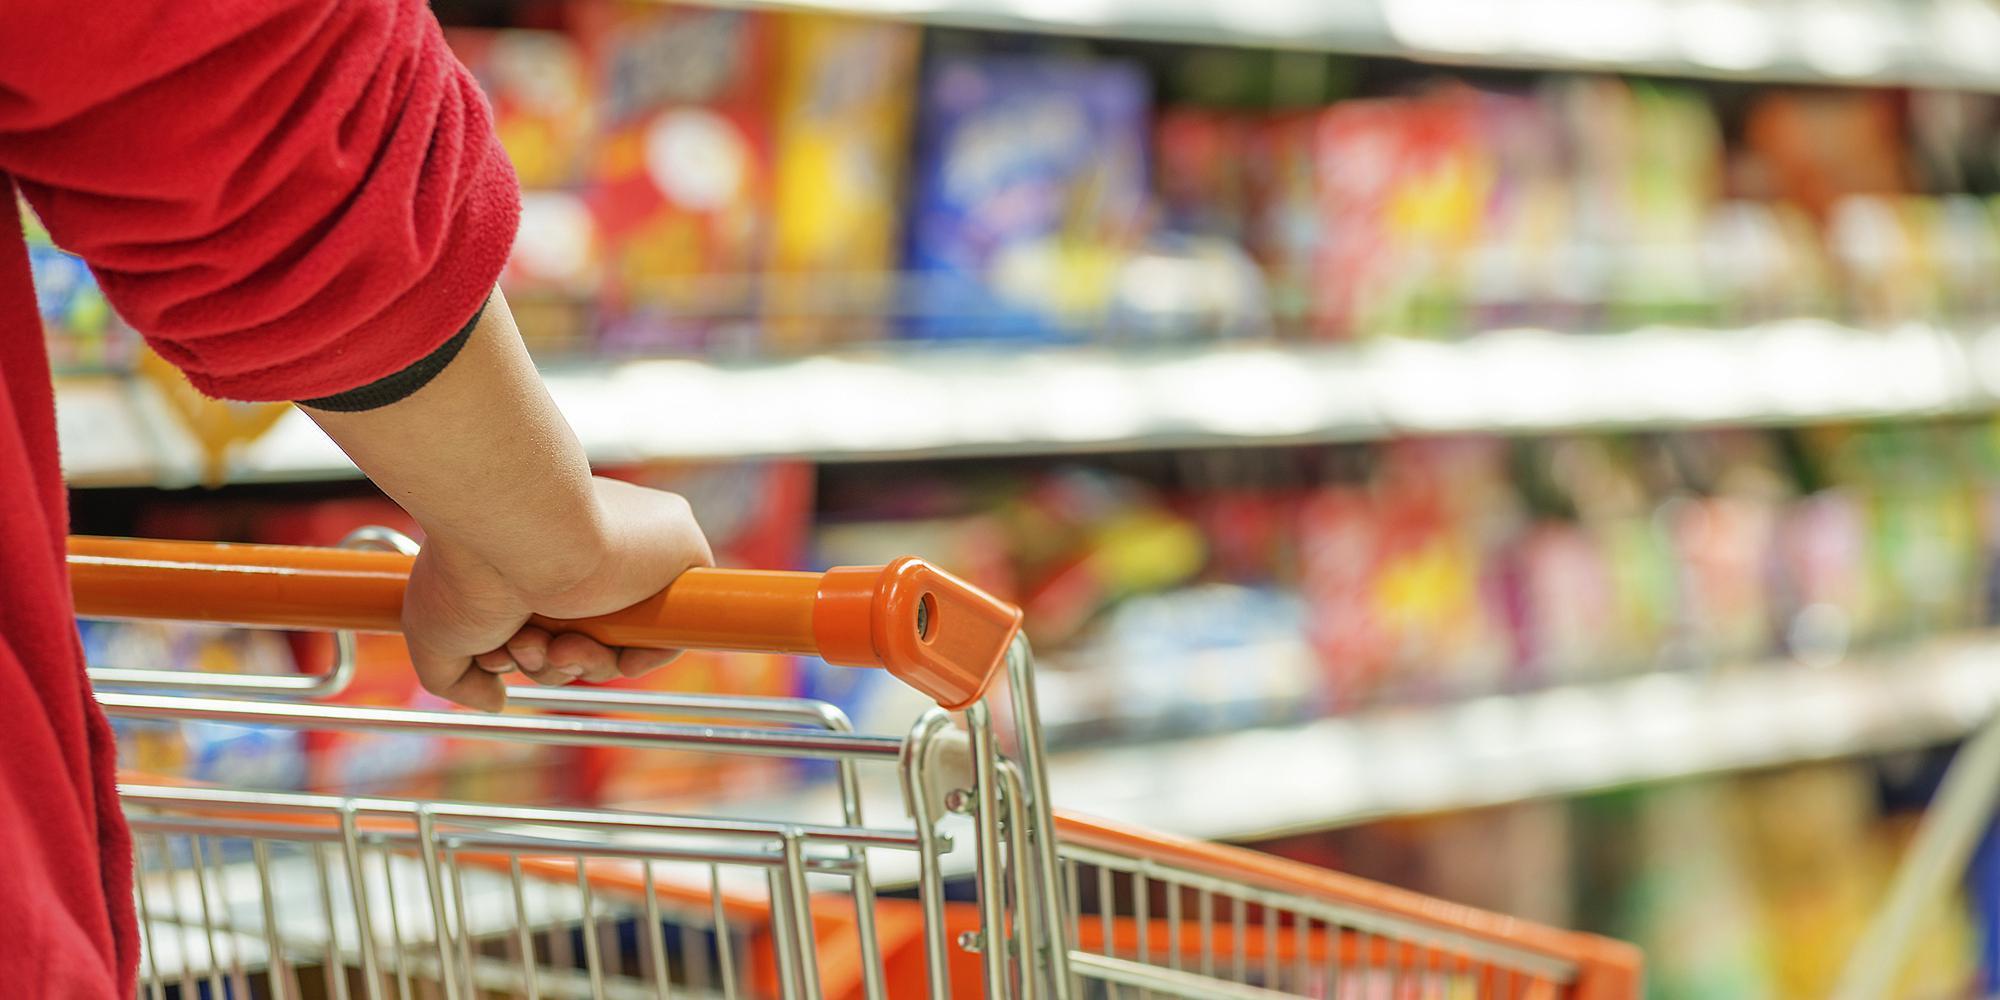 Σούπερ μάρκετ κατηγόρησε ψευδώς υπάλληλο για κλοπή